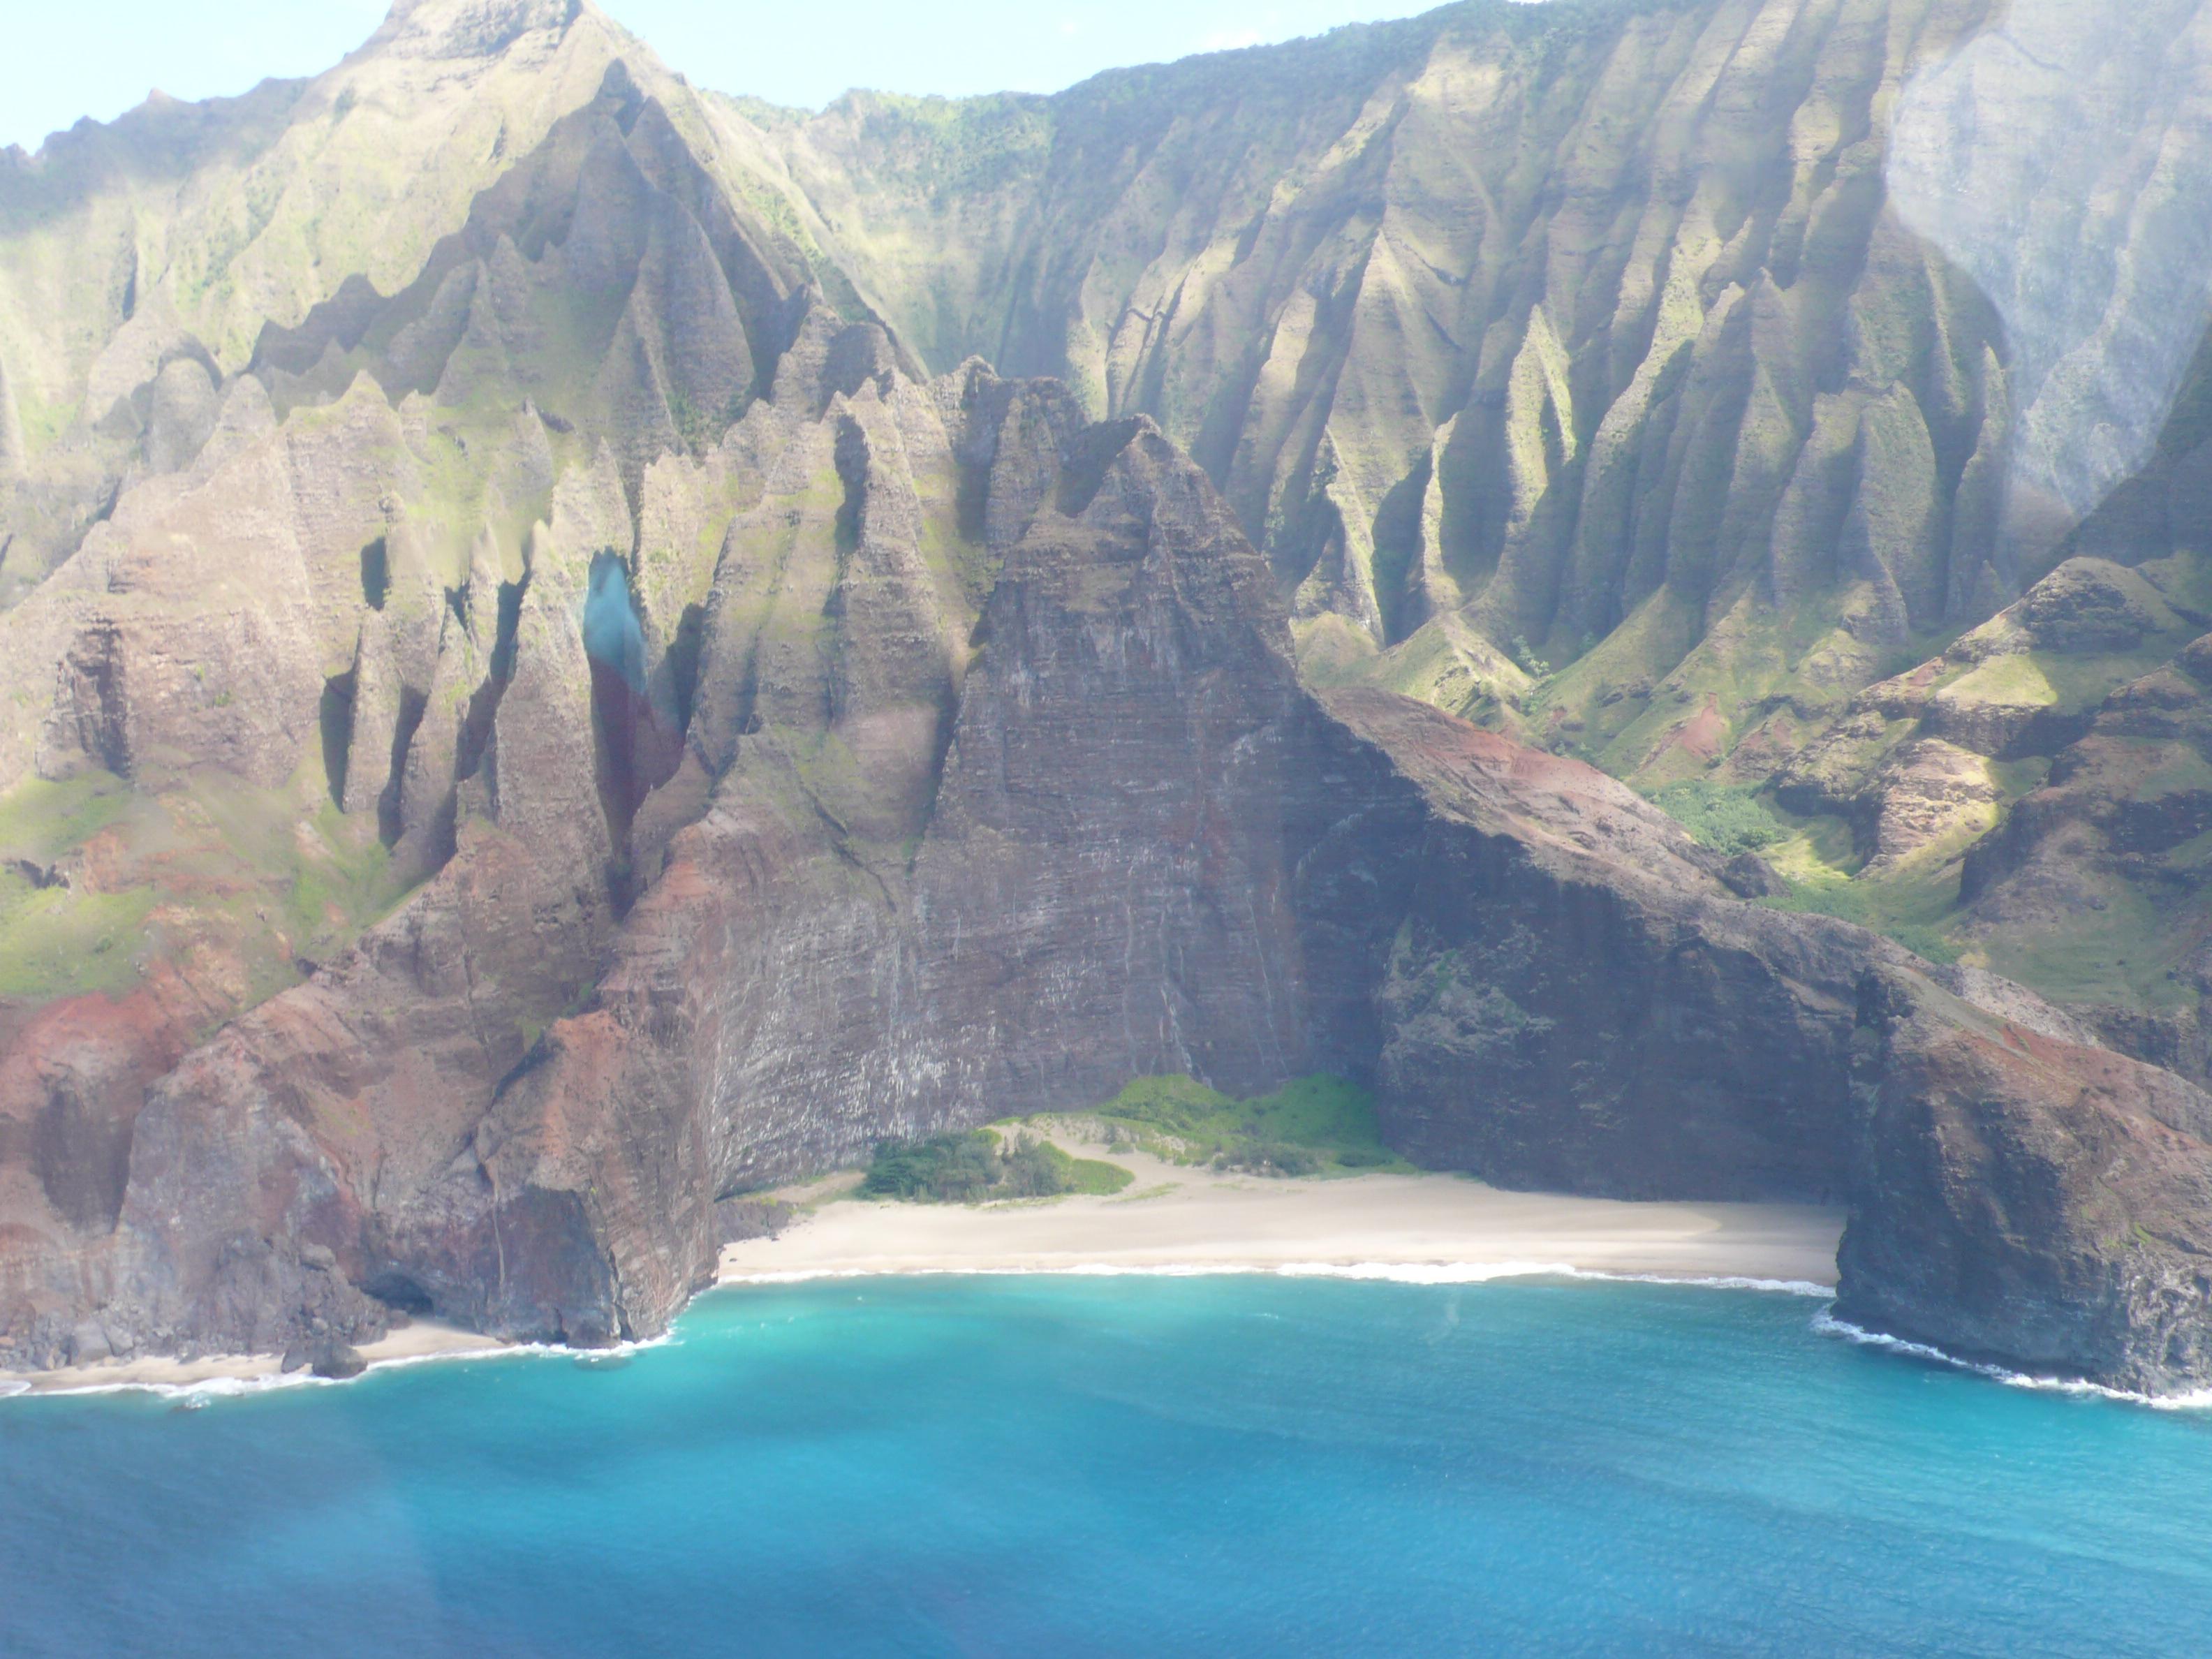 Kauai: Küstenformation - vom Hubschrauber aus